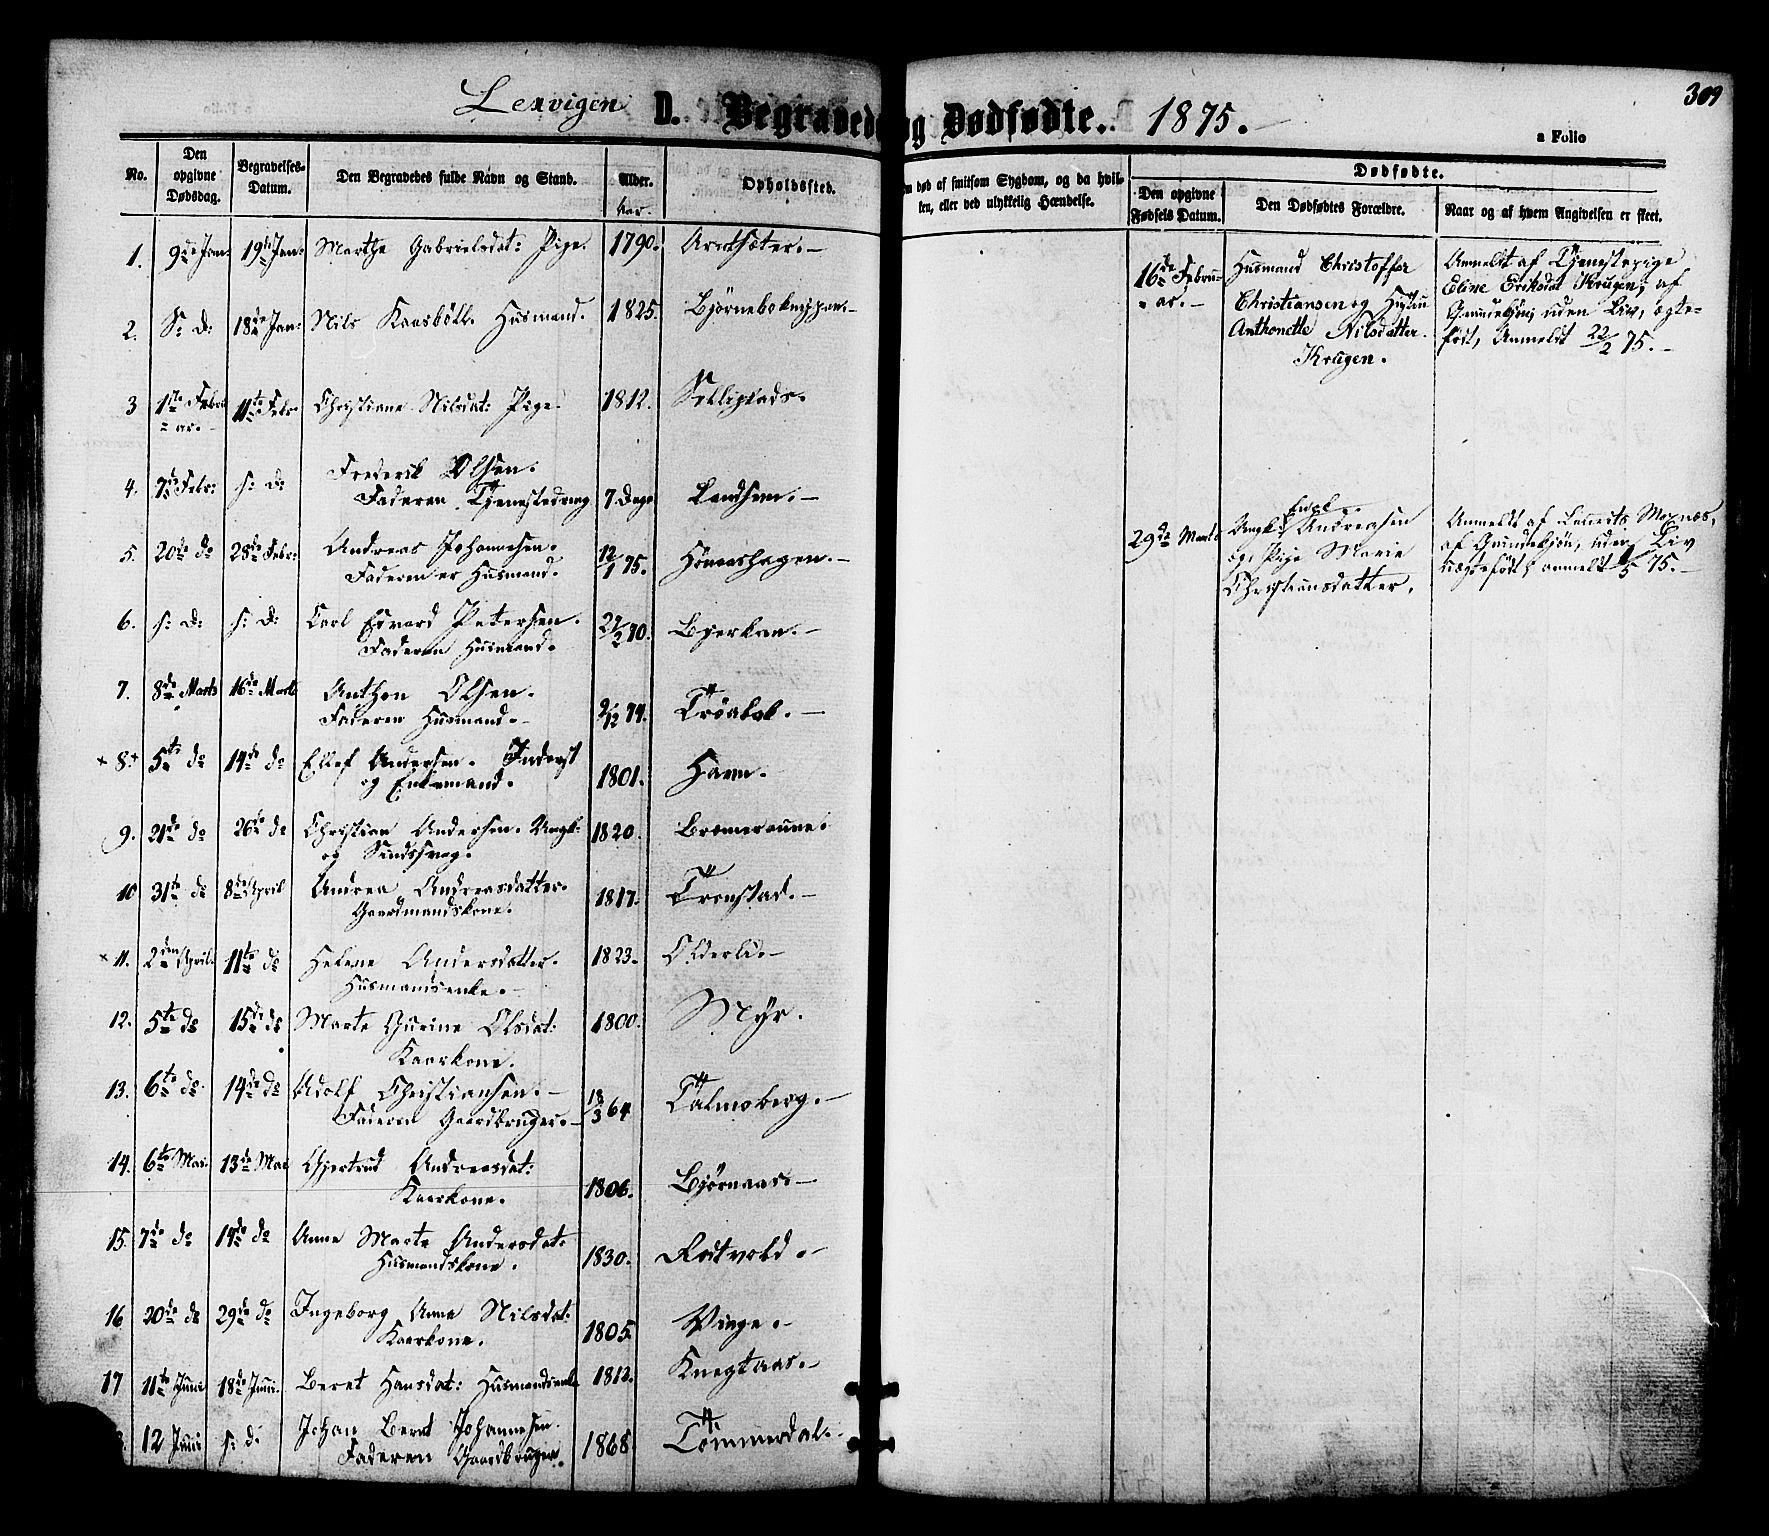 SAT, Ministerialprotokoller, klokkerbøker og fødselsregistre - Nord-Trøndelag, 701/L0009: Ministerialbok nr. 701A09 /1, 1864-1882, s. 309